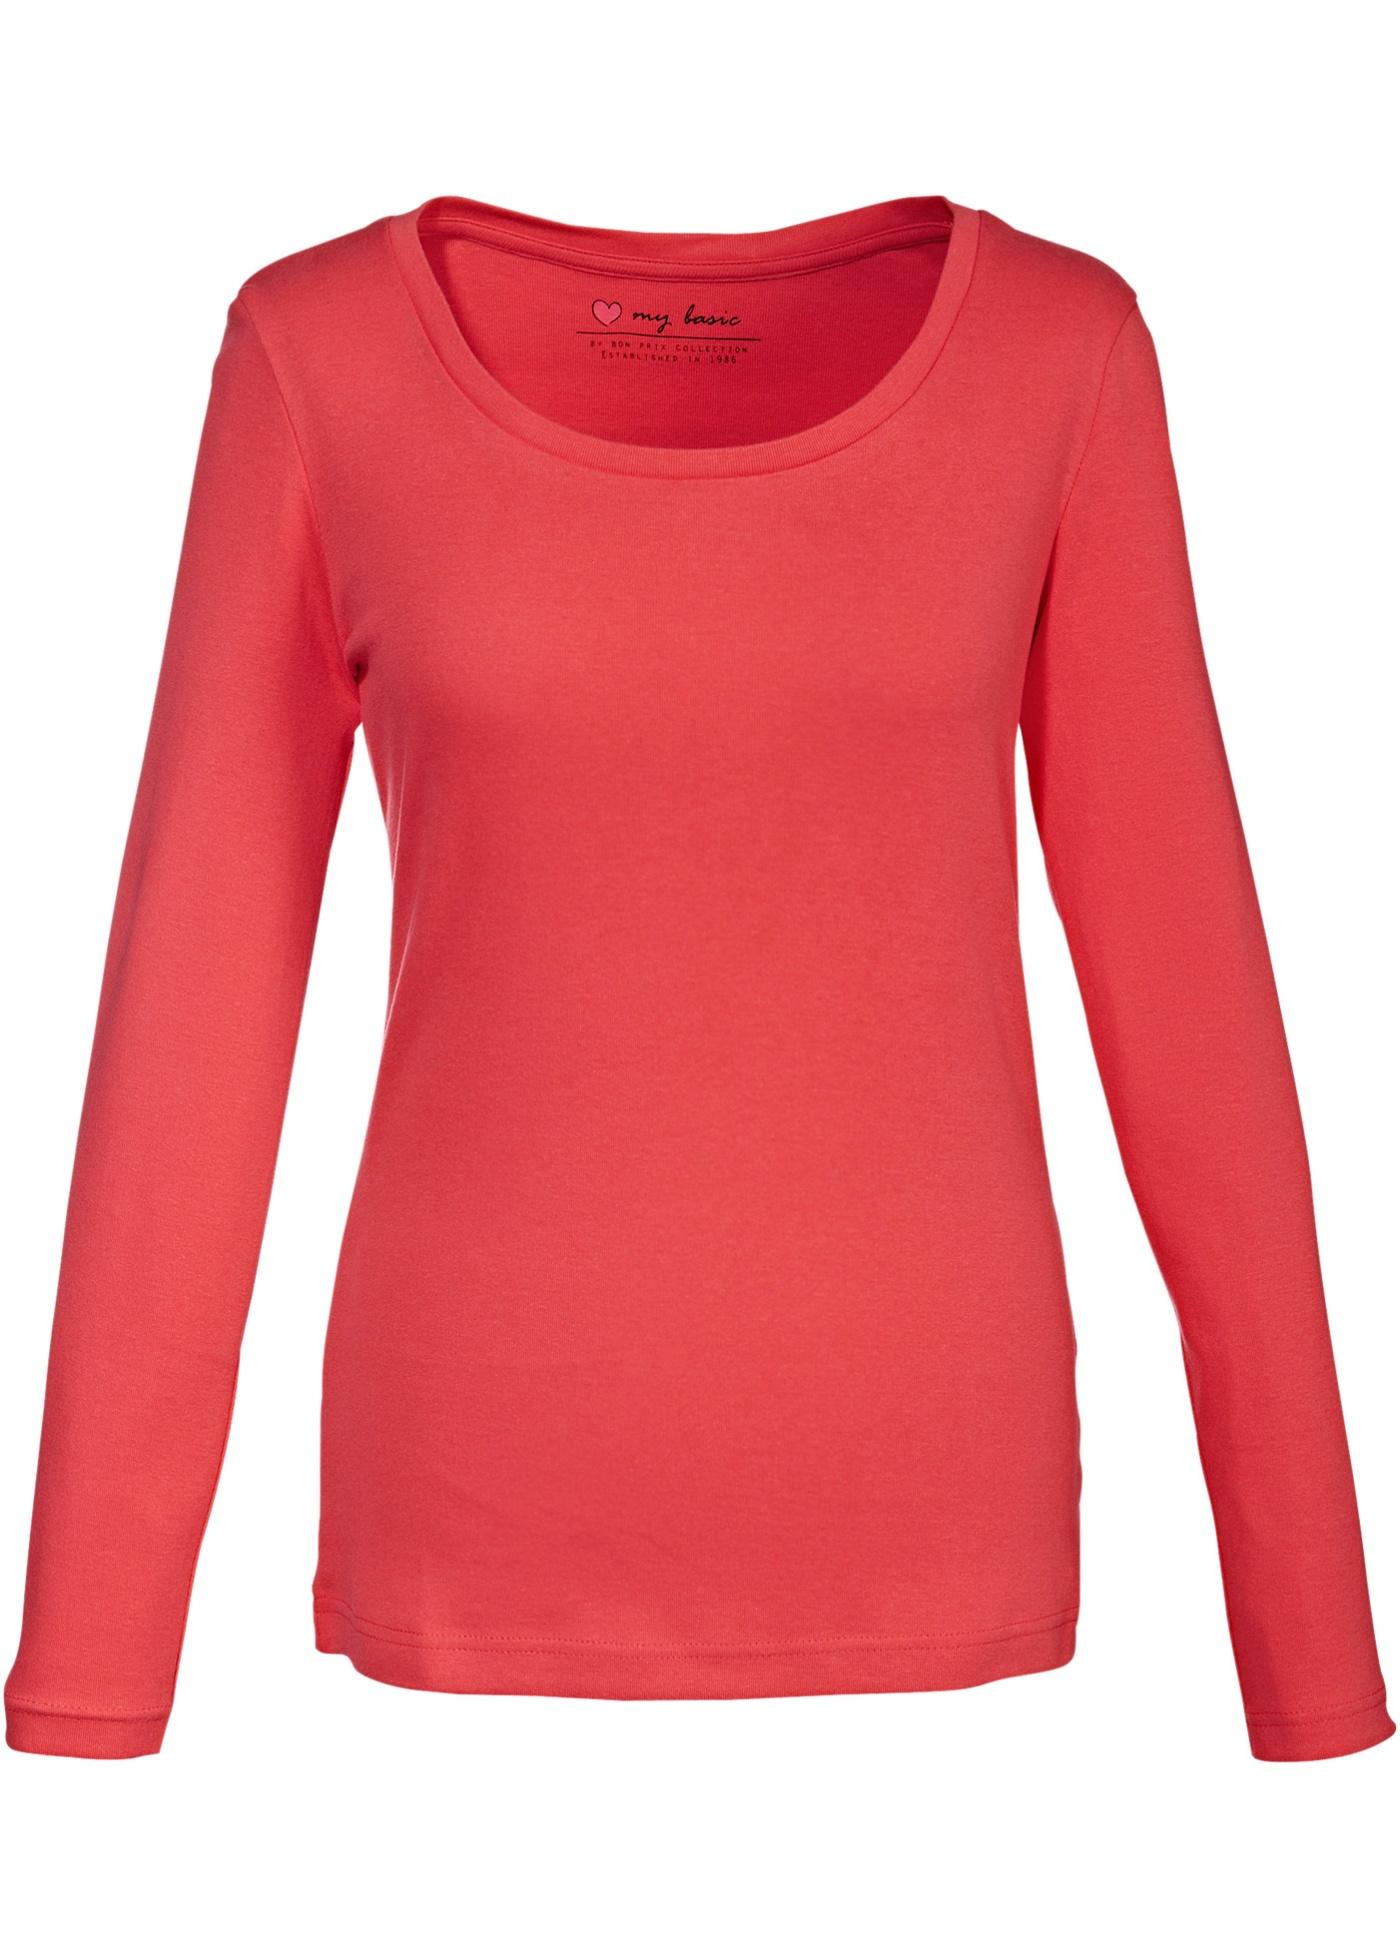 Blusa manga longa, decote redondo vermelha com decote redondo